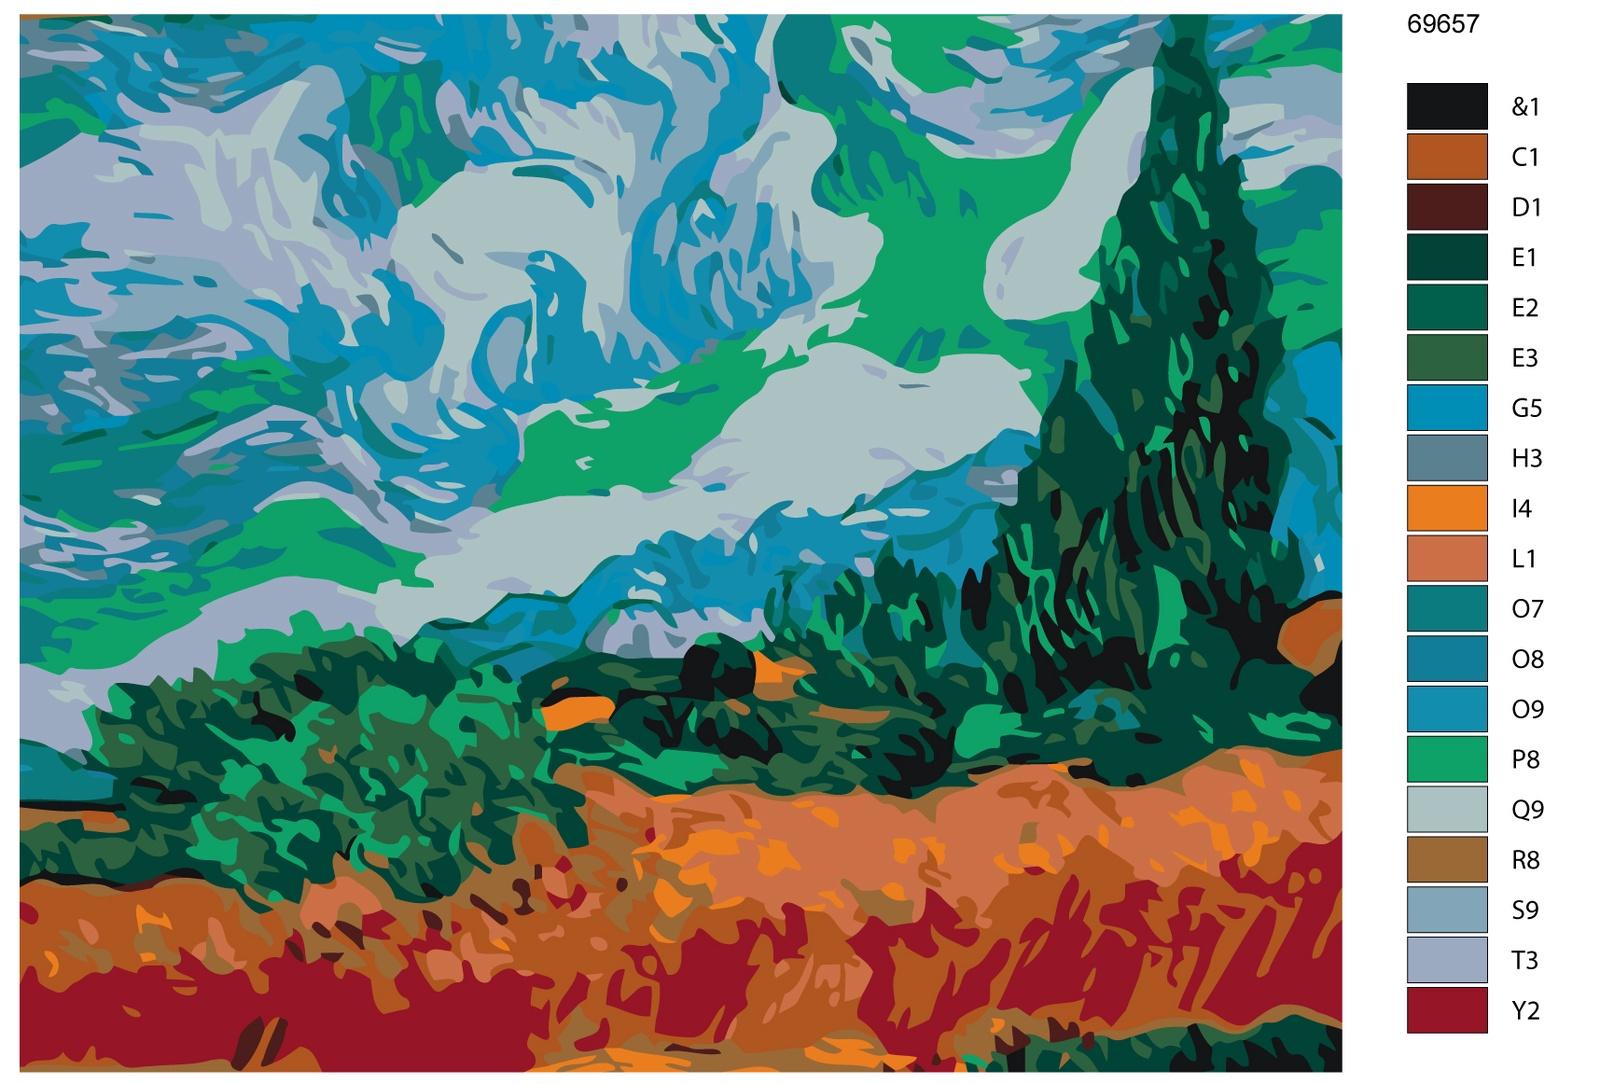 Набор для создания картины Живопись по номерам KTMK-69657KTMK-69657Количество красок от 18 до 24. Картина раскрашивается без смешивания красок. Высококачественные акриловые краски собственного производства сделают вашу картину яркой и уникальной. Все необходимые материалы есть в комплекте: натуральный хлопковый холст, натянутый на деревянный подрамник, баночки с акриловыми красками на водной основе, 3 кисти из качественного нейлона, схема раскрашивания, инструкция. Просто закрашивайте участки красками с соответствующим номером.